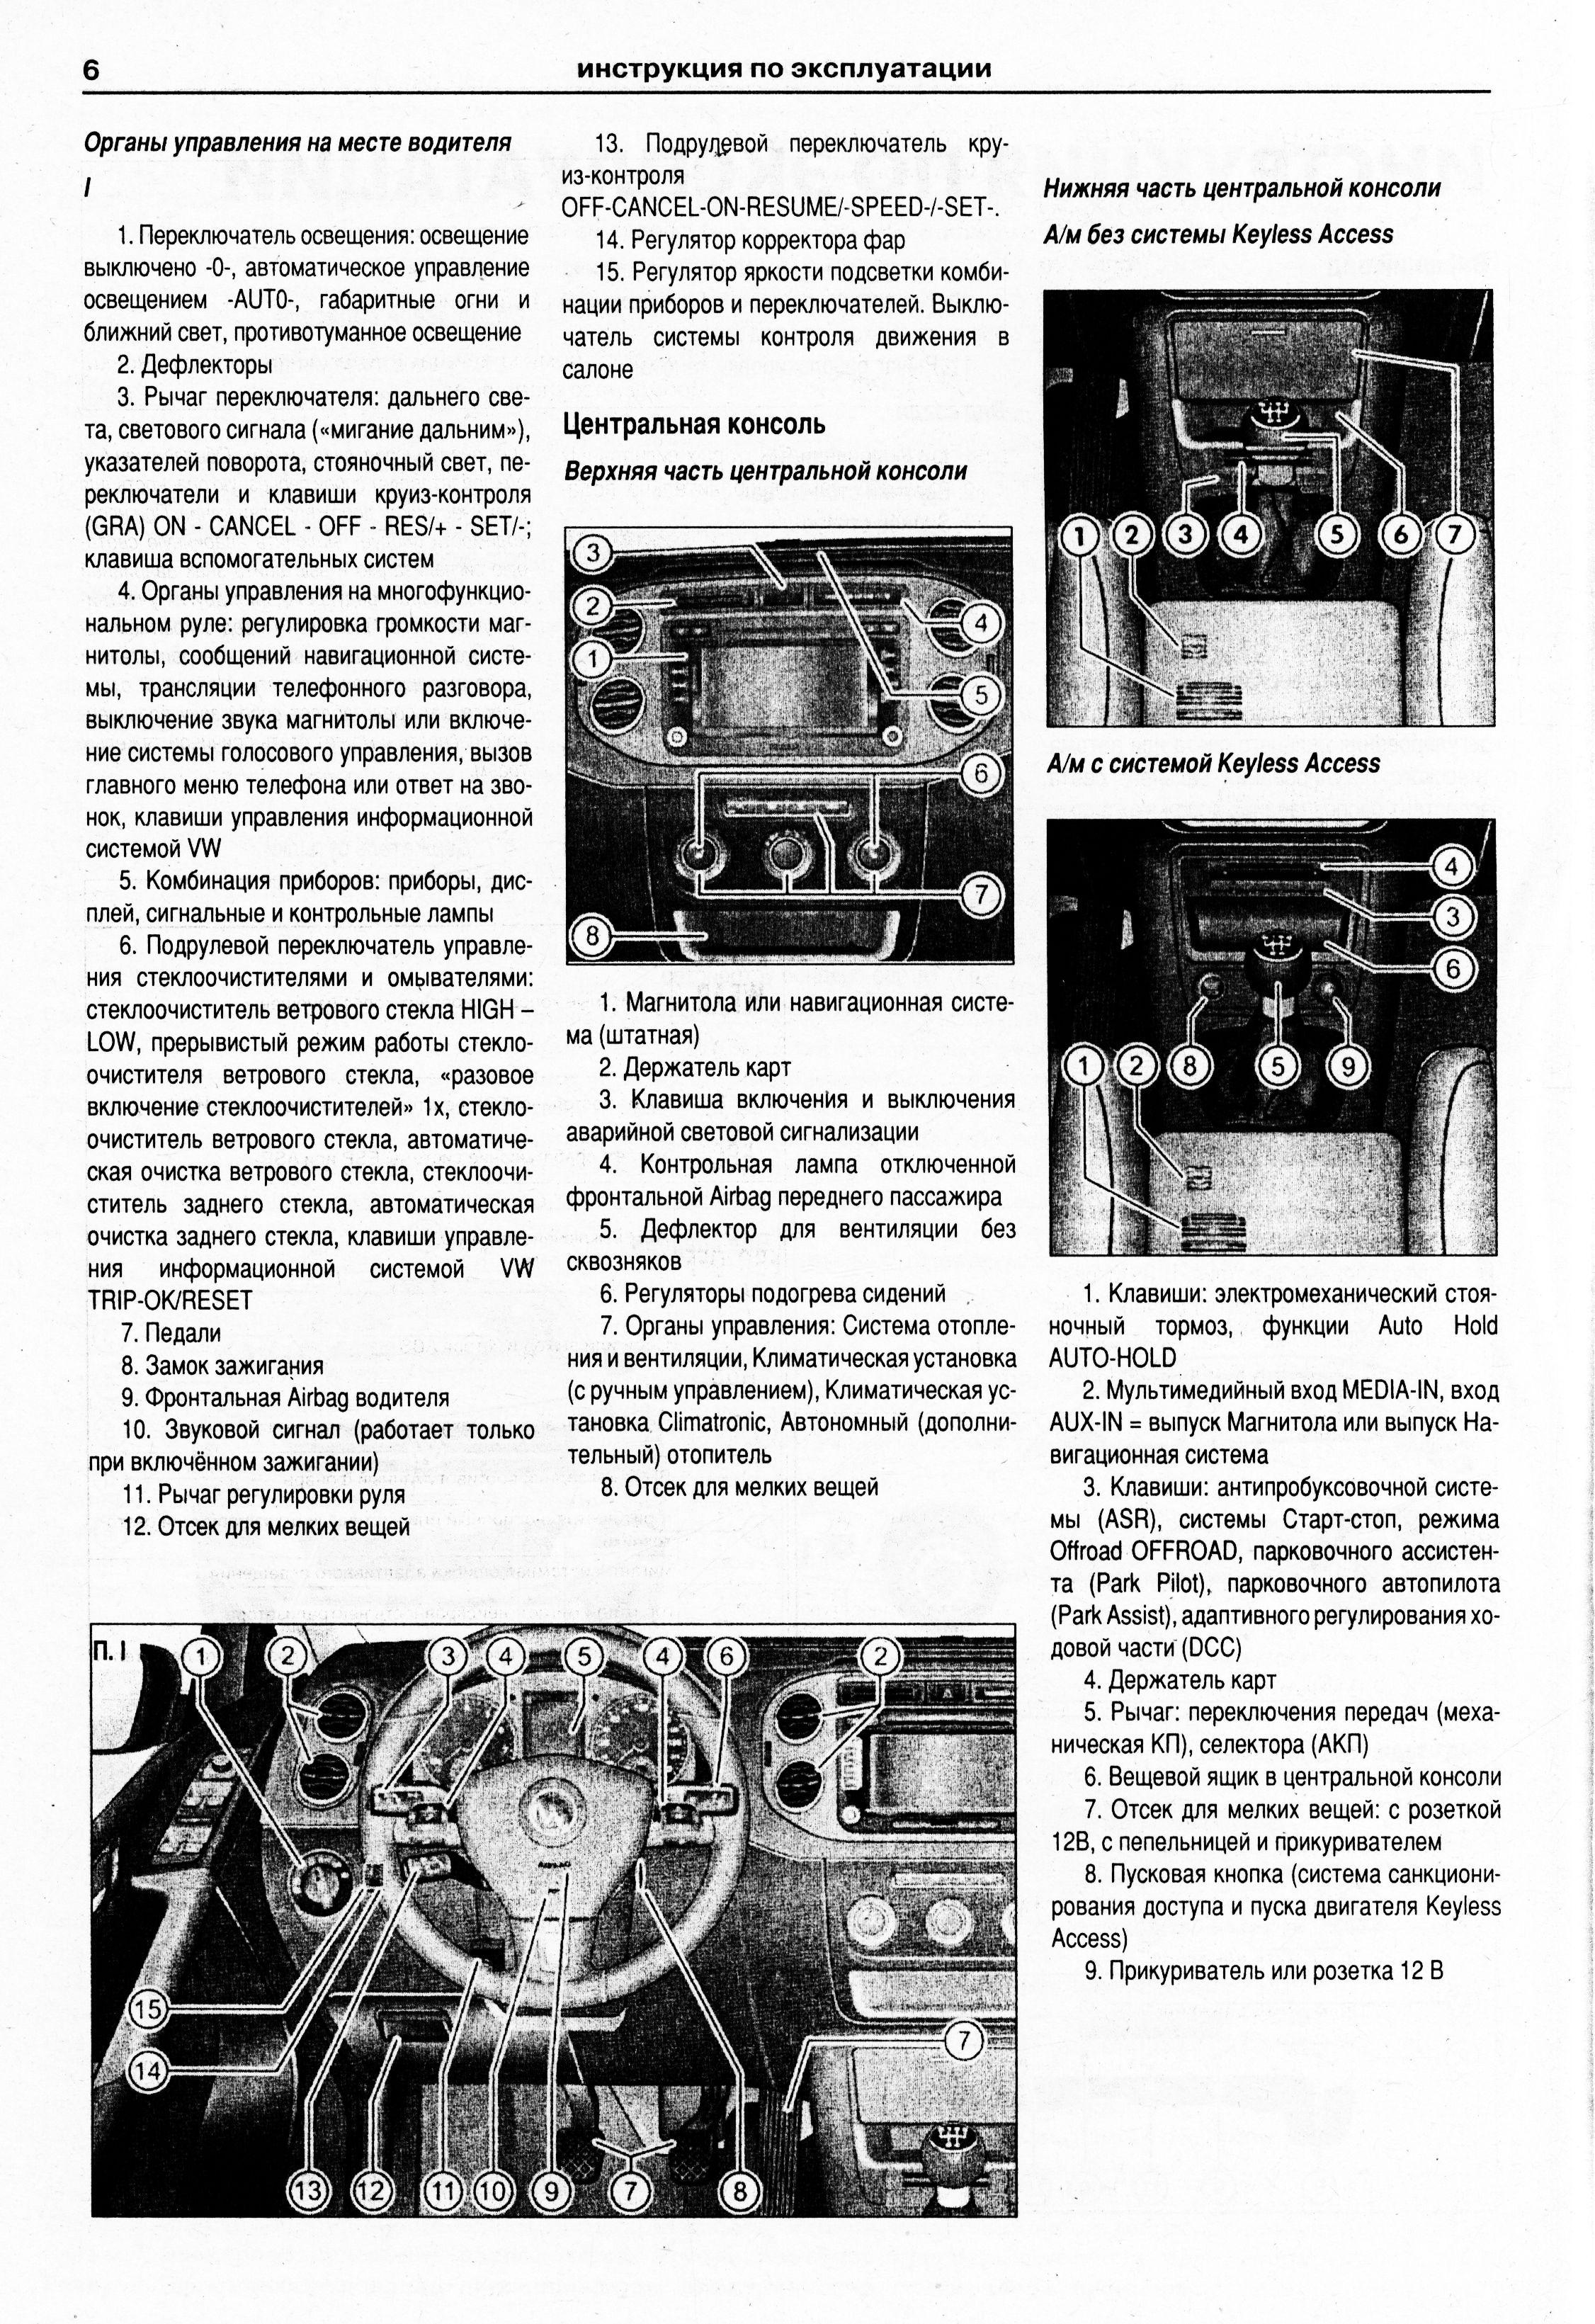 инструкция по эксплуатации фольксваген тигуан 2011 скачать бесплатно